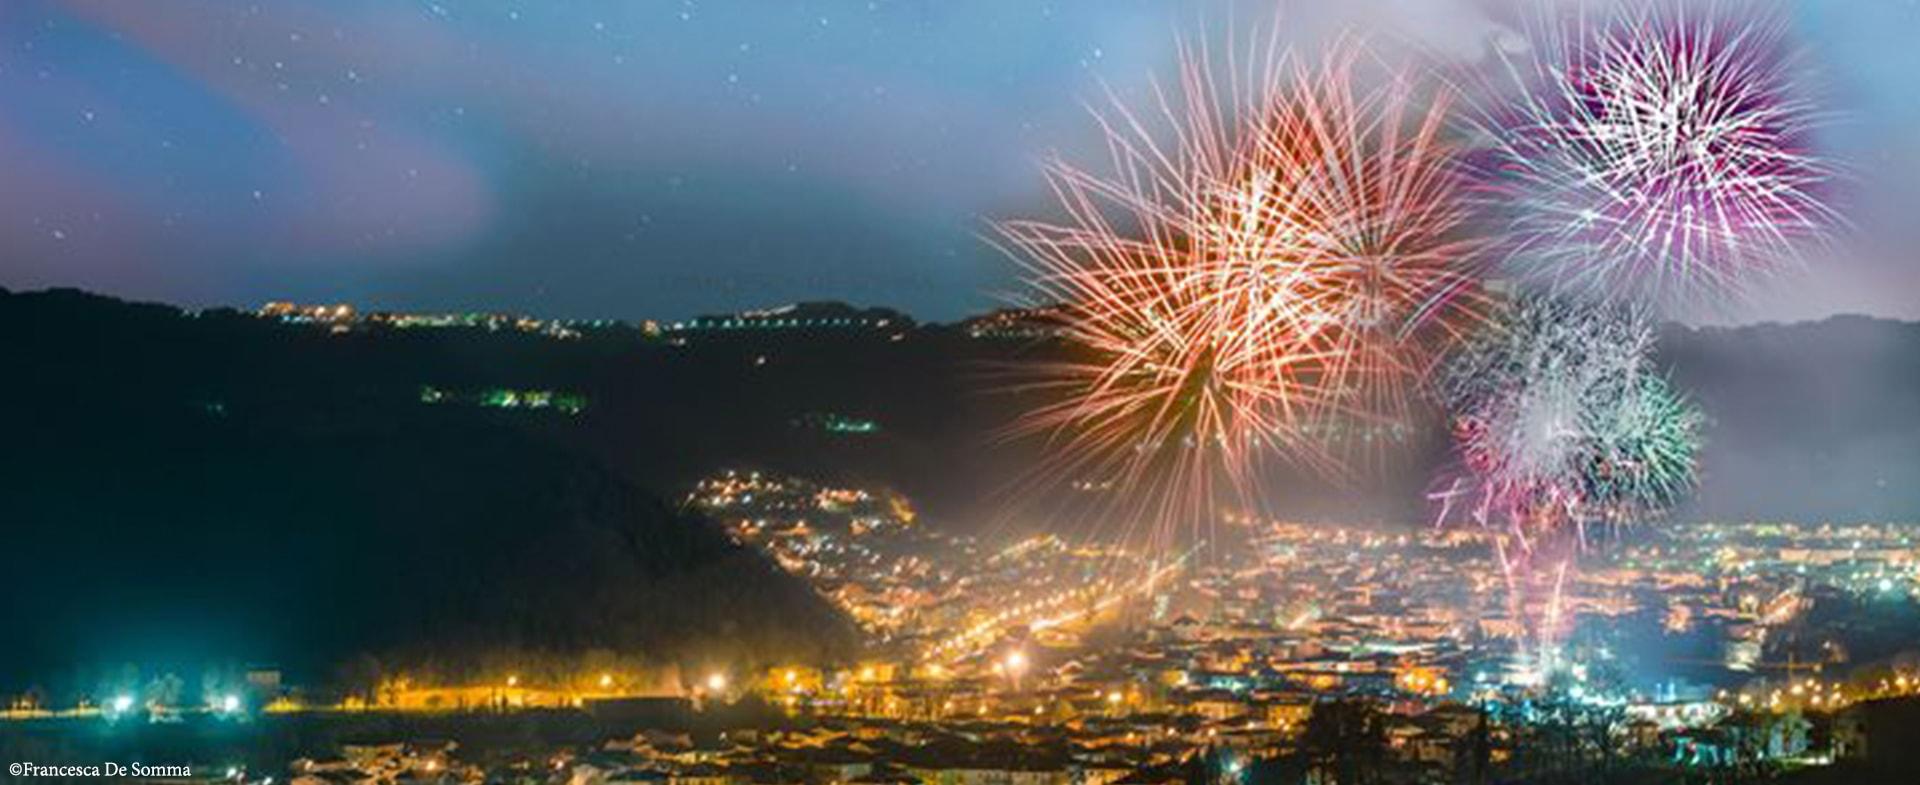 fermignano fuochi d'artificio